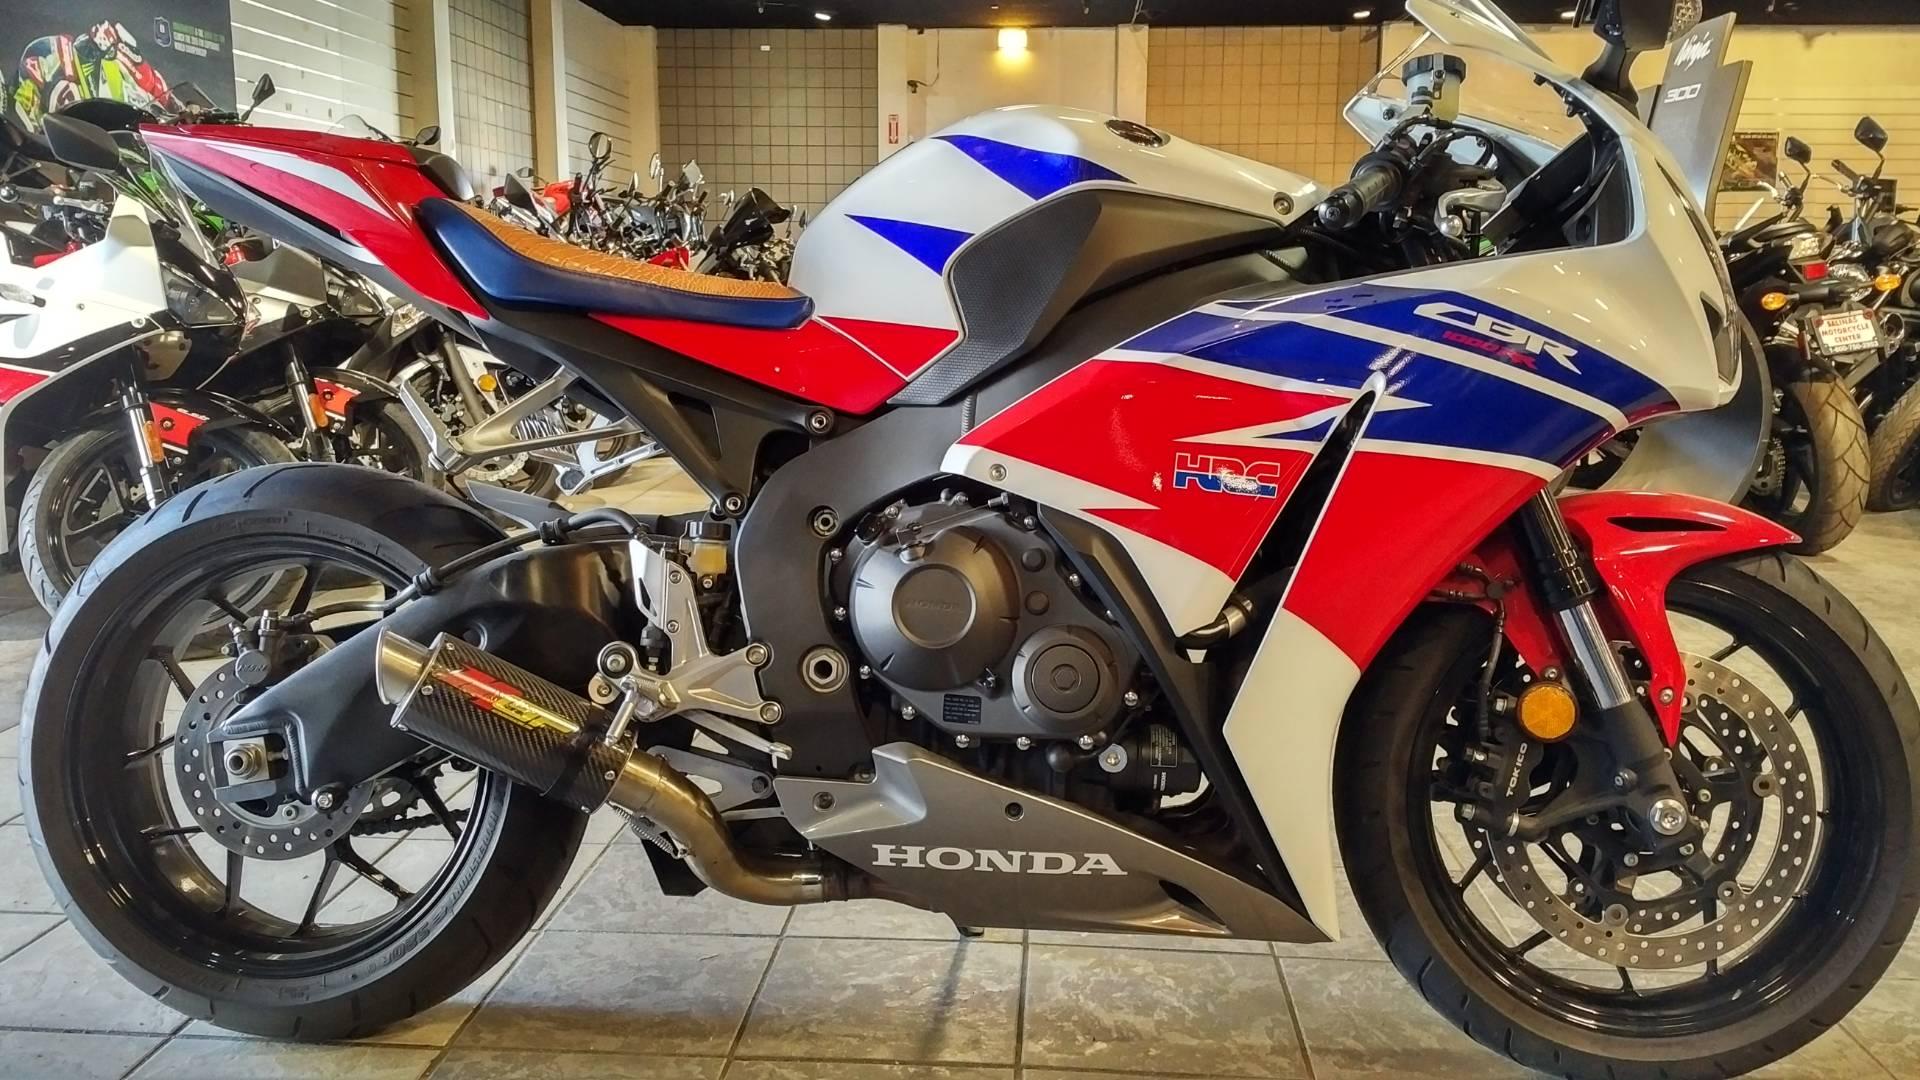 2015 Honda CBR1000RR for sale 137614